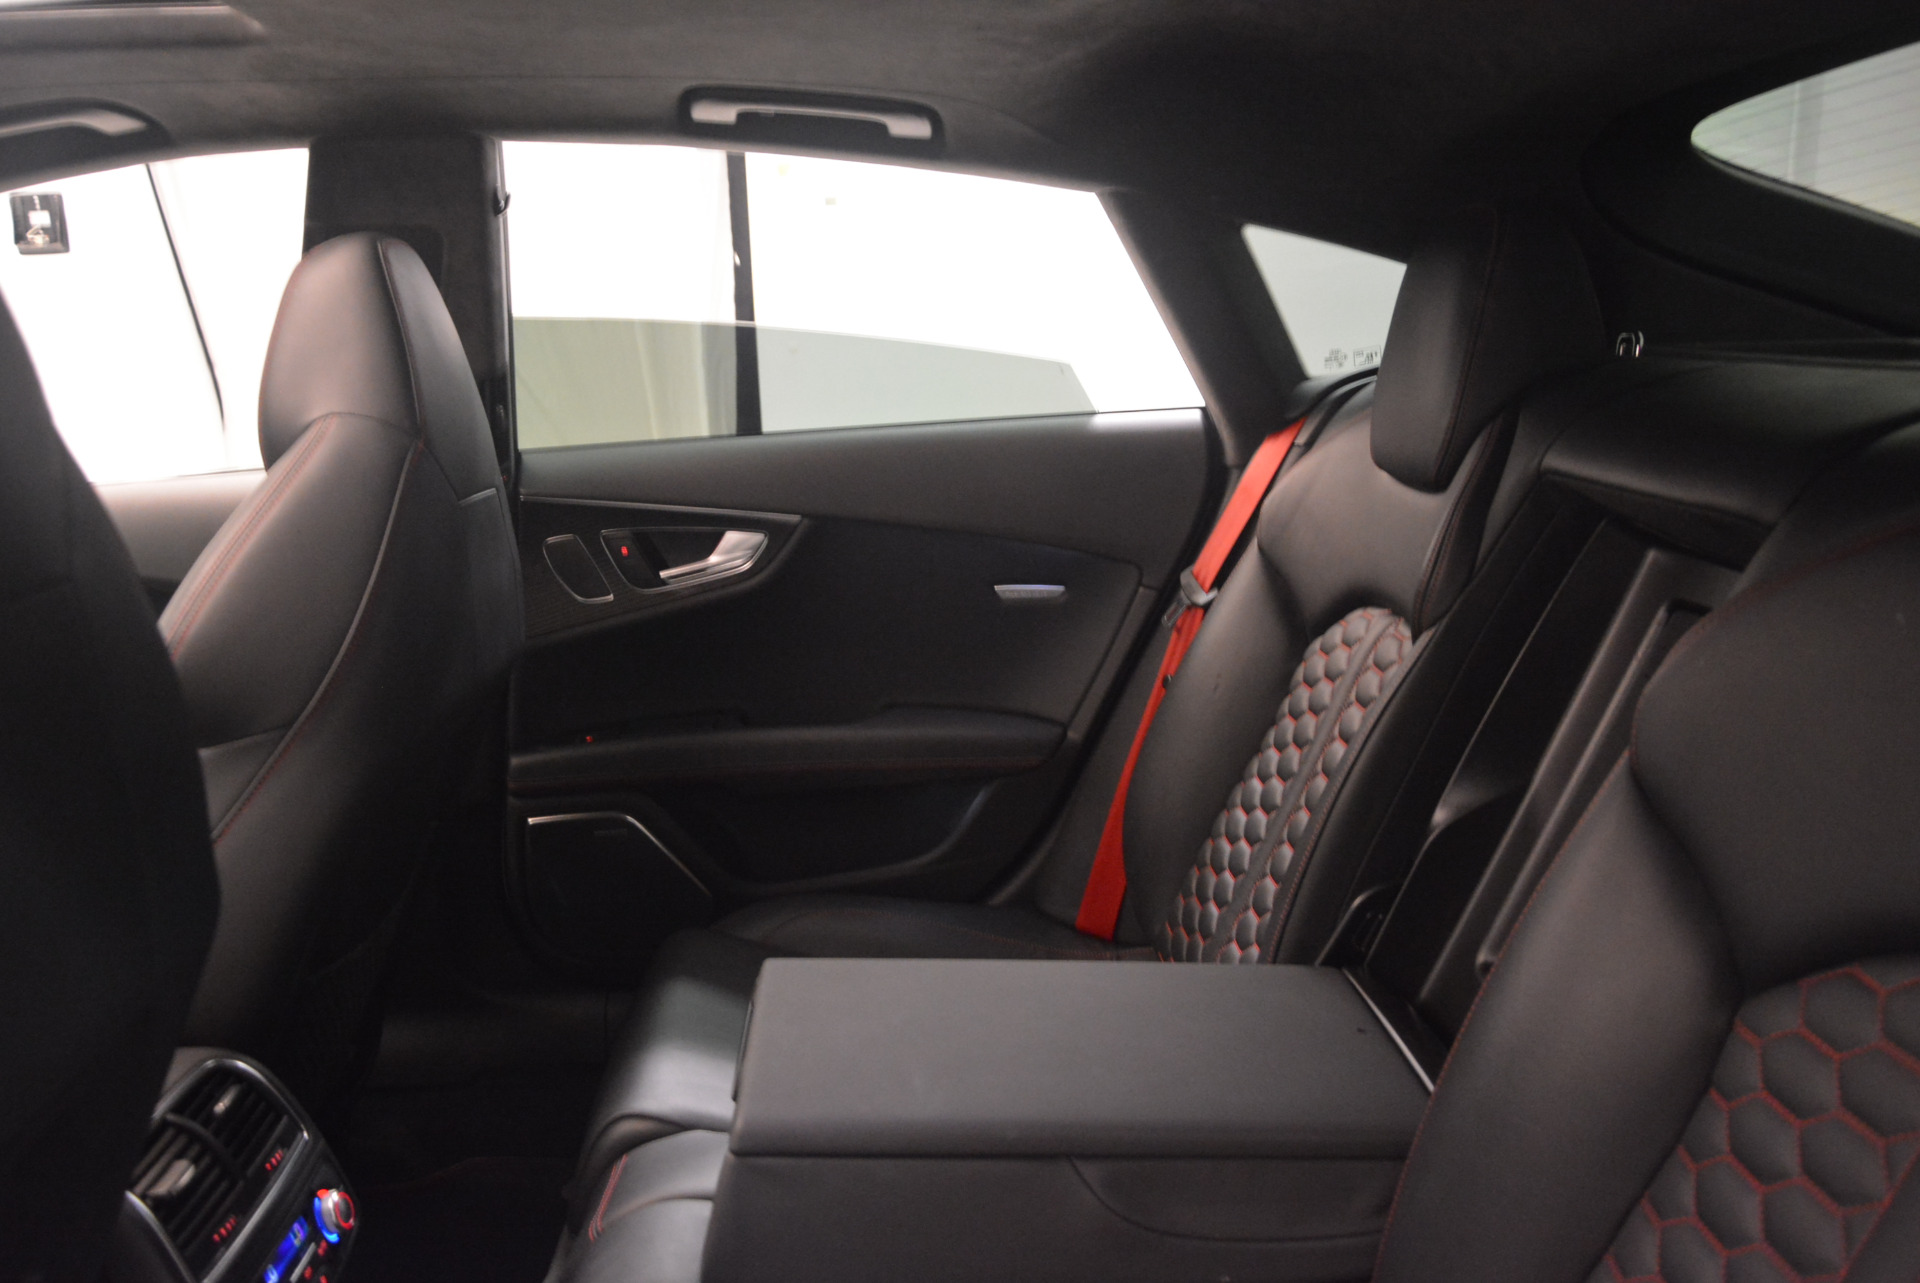 Used 2014 Audi RS 7 4.0T quattro Prestige For Sale In Westport, CT 1262_p36